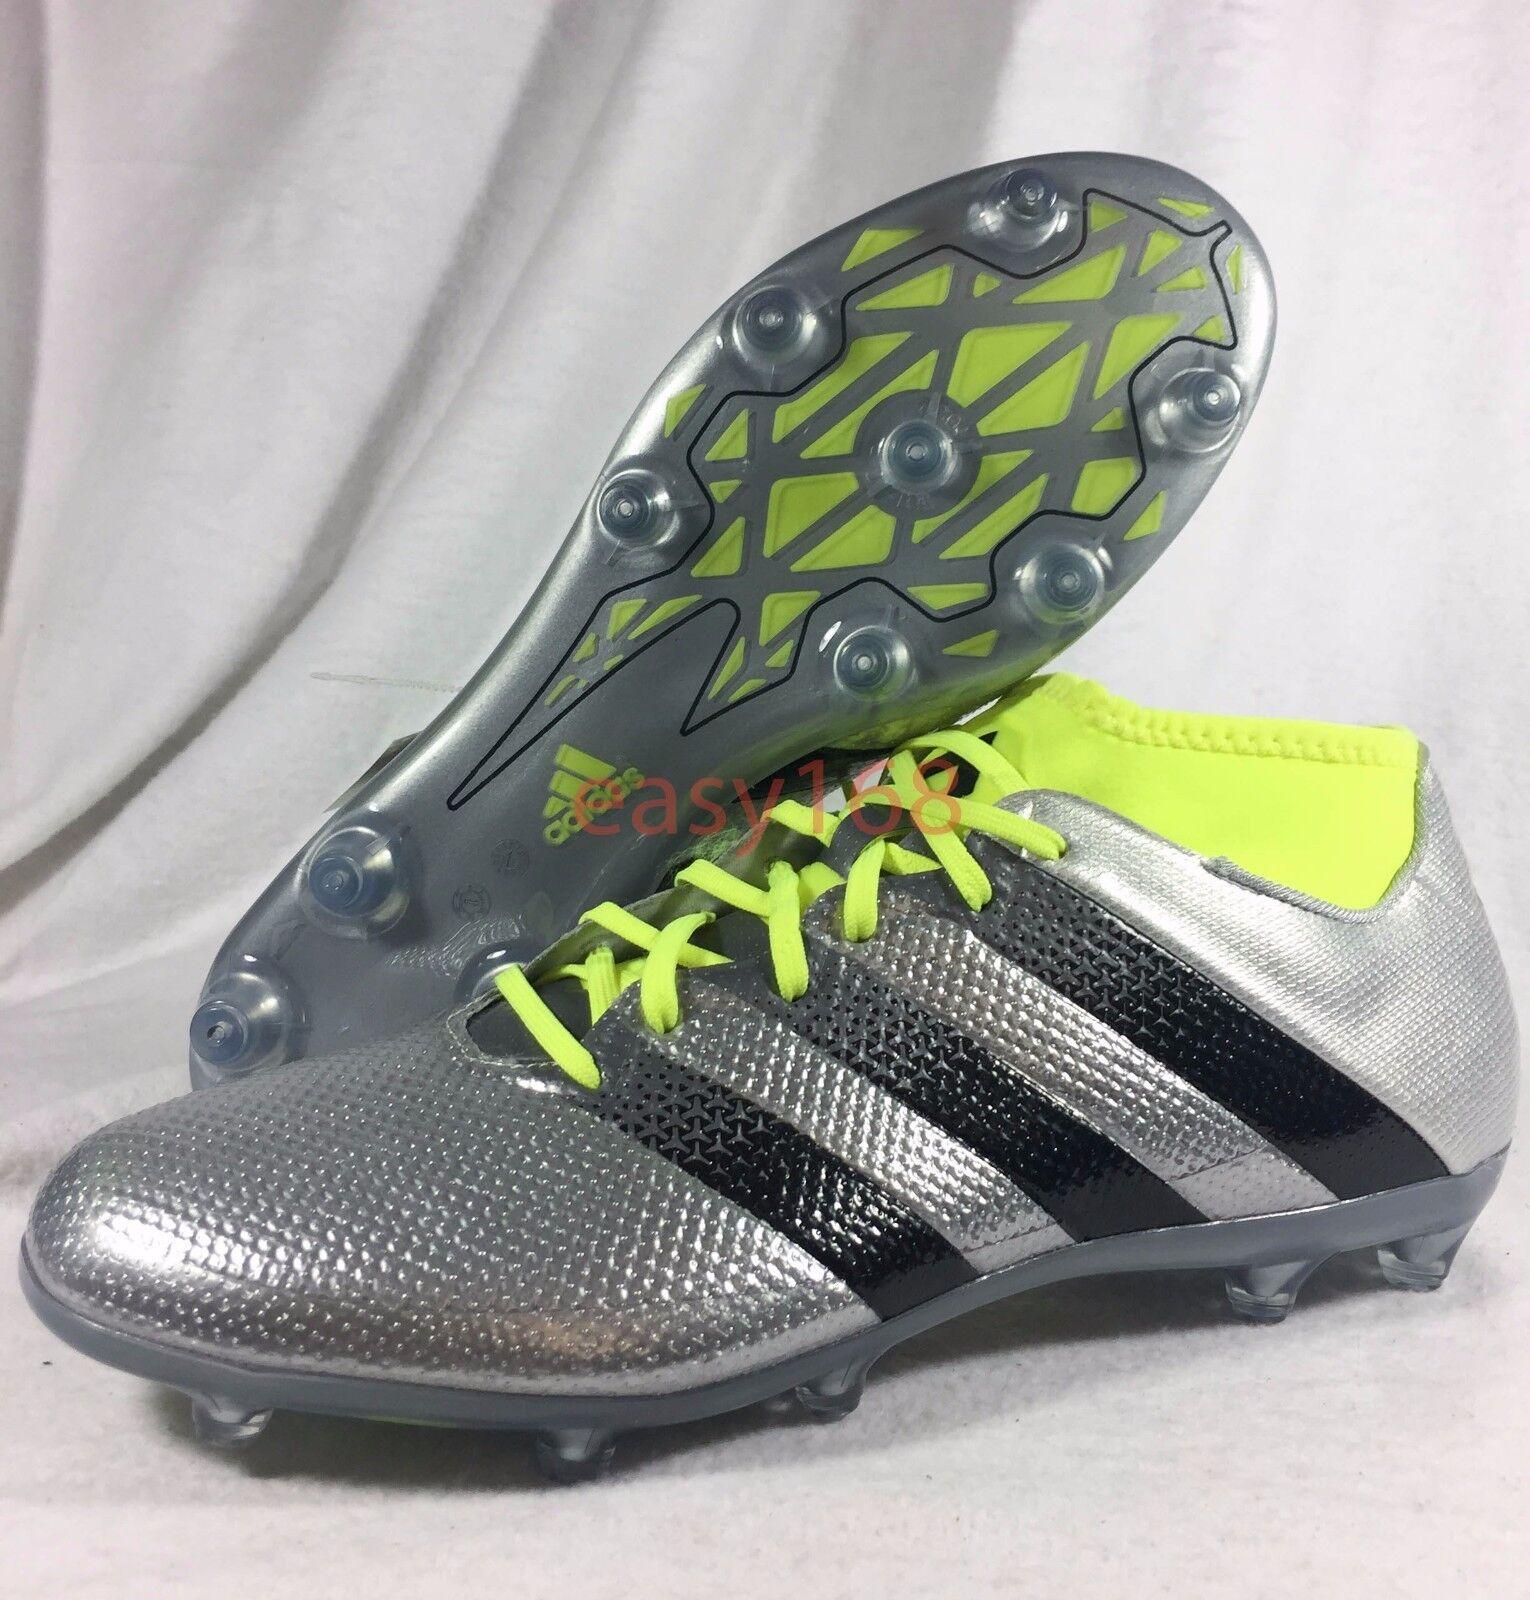 Nuove adidas ace 16,2 primemesh fg / ag sz 13 uomini gli scarpini da calcio aq3448 d'argento